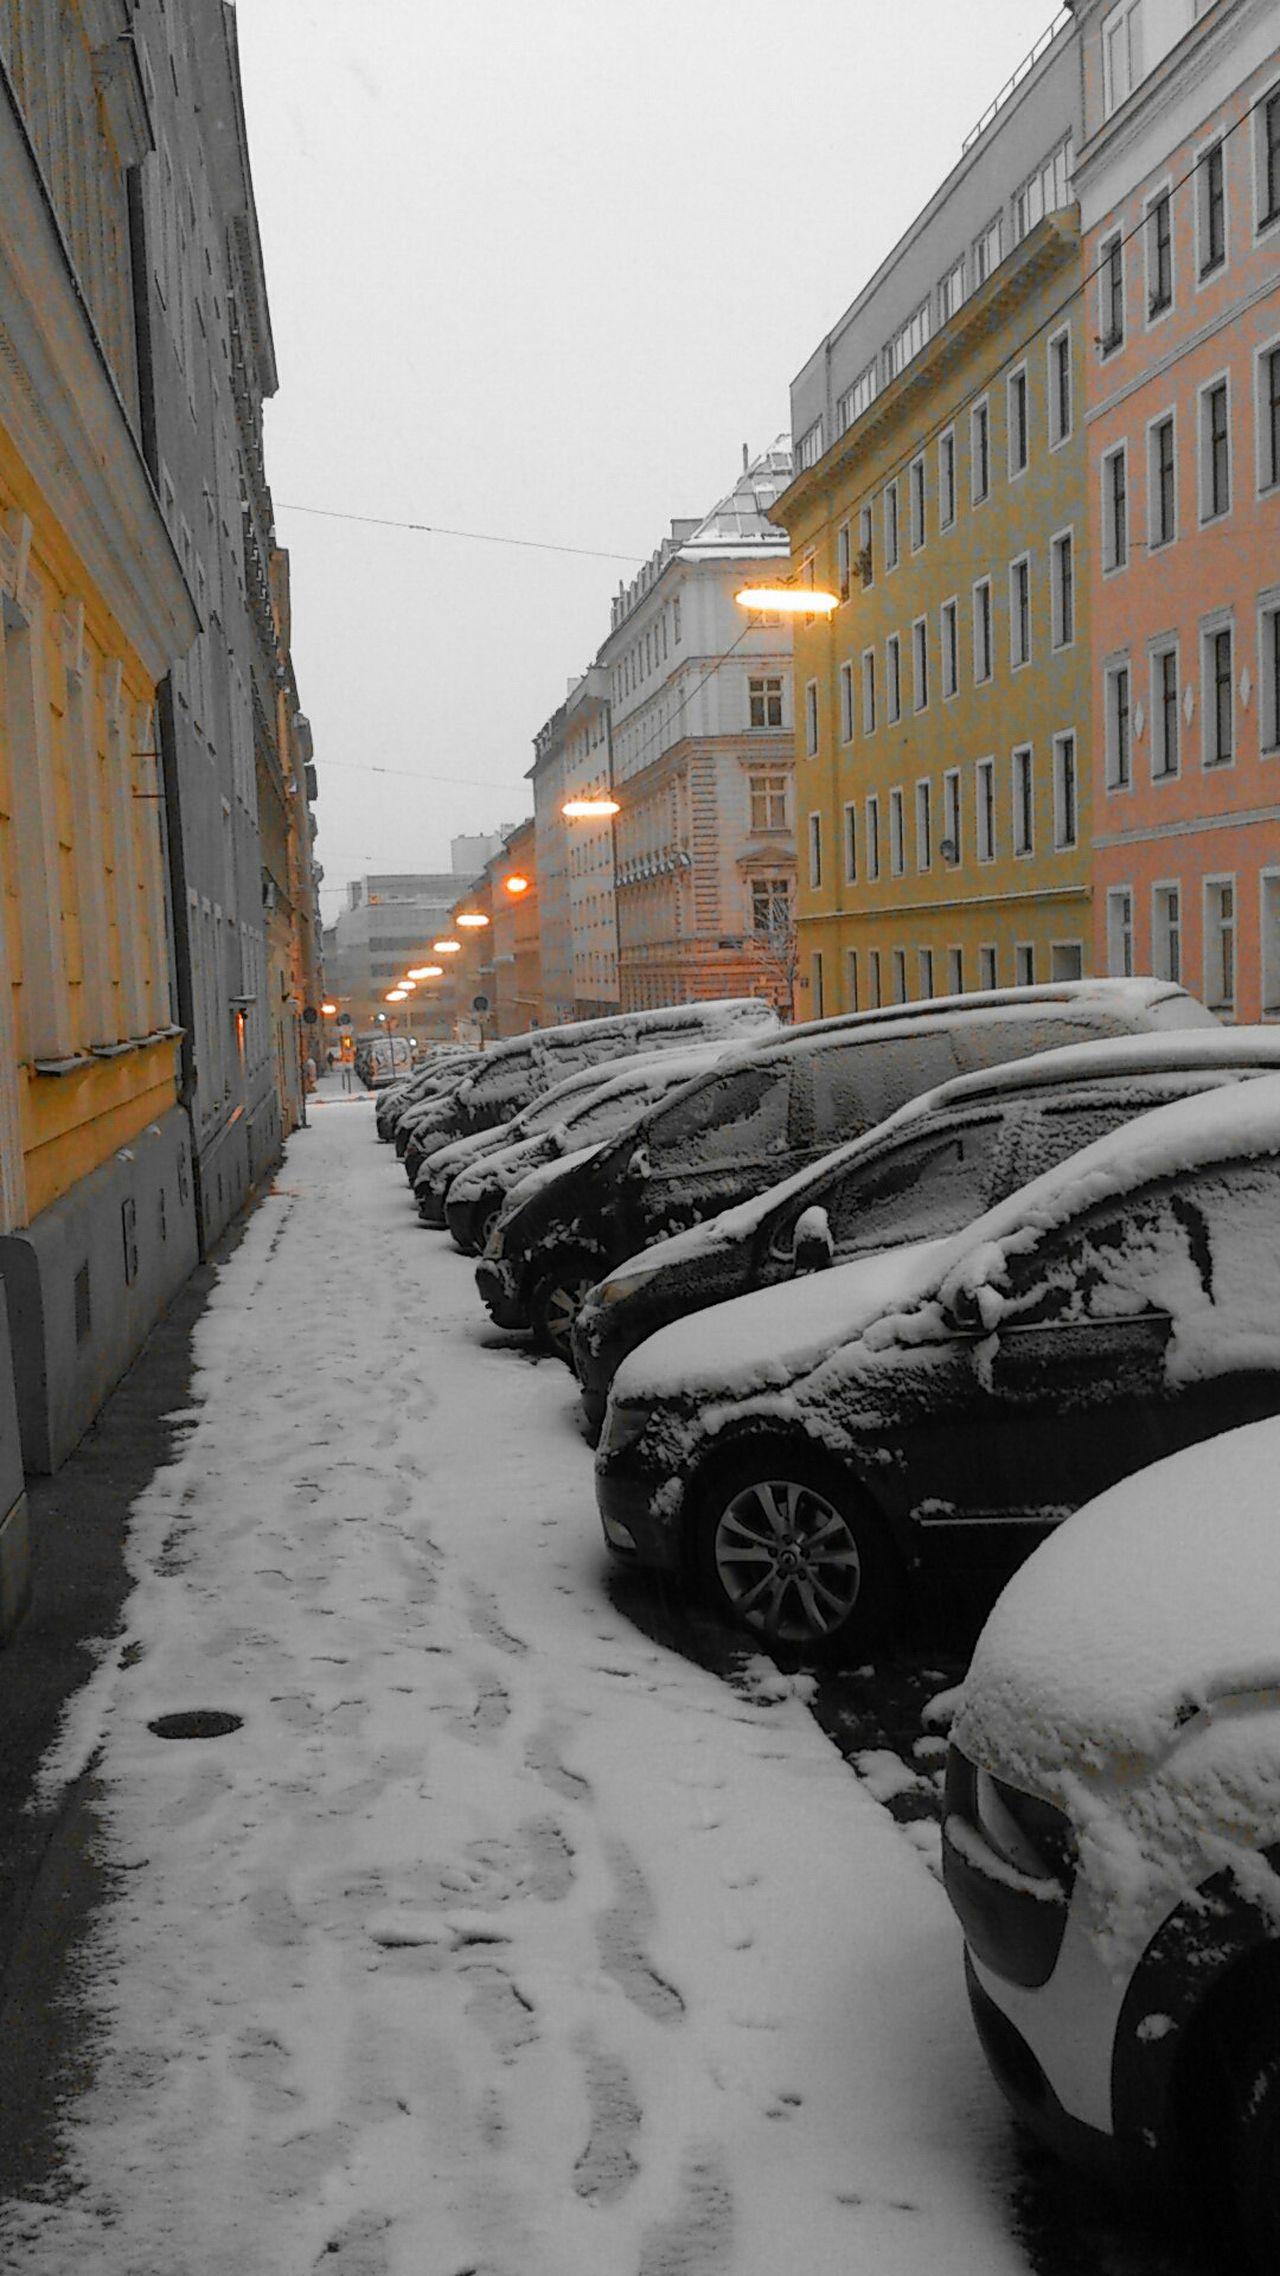 Streetphotography Street Photography Jänner 2015 Snow Schneefall Teilweise Farbig Onecolor